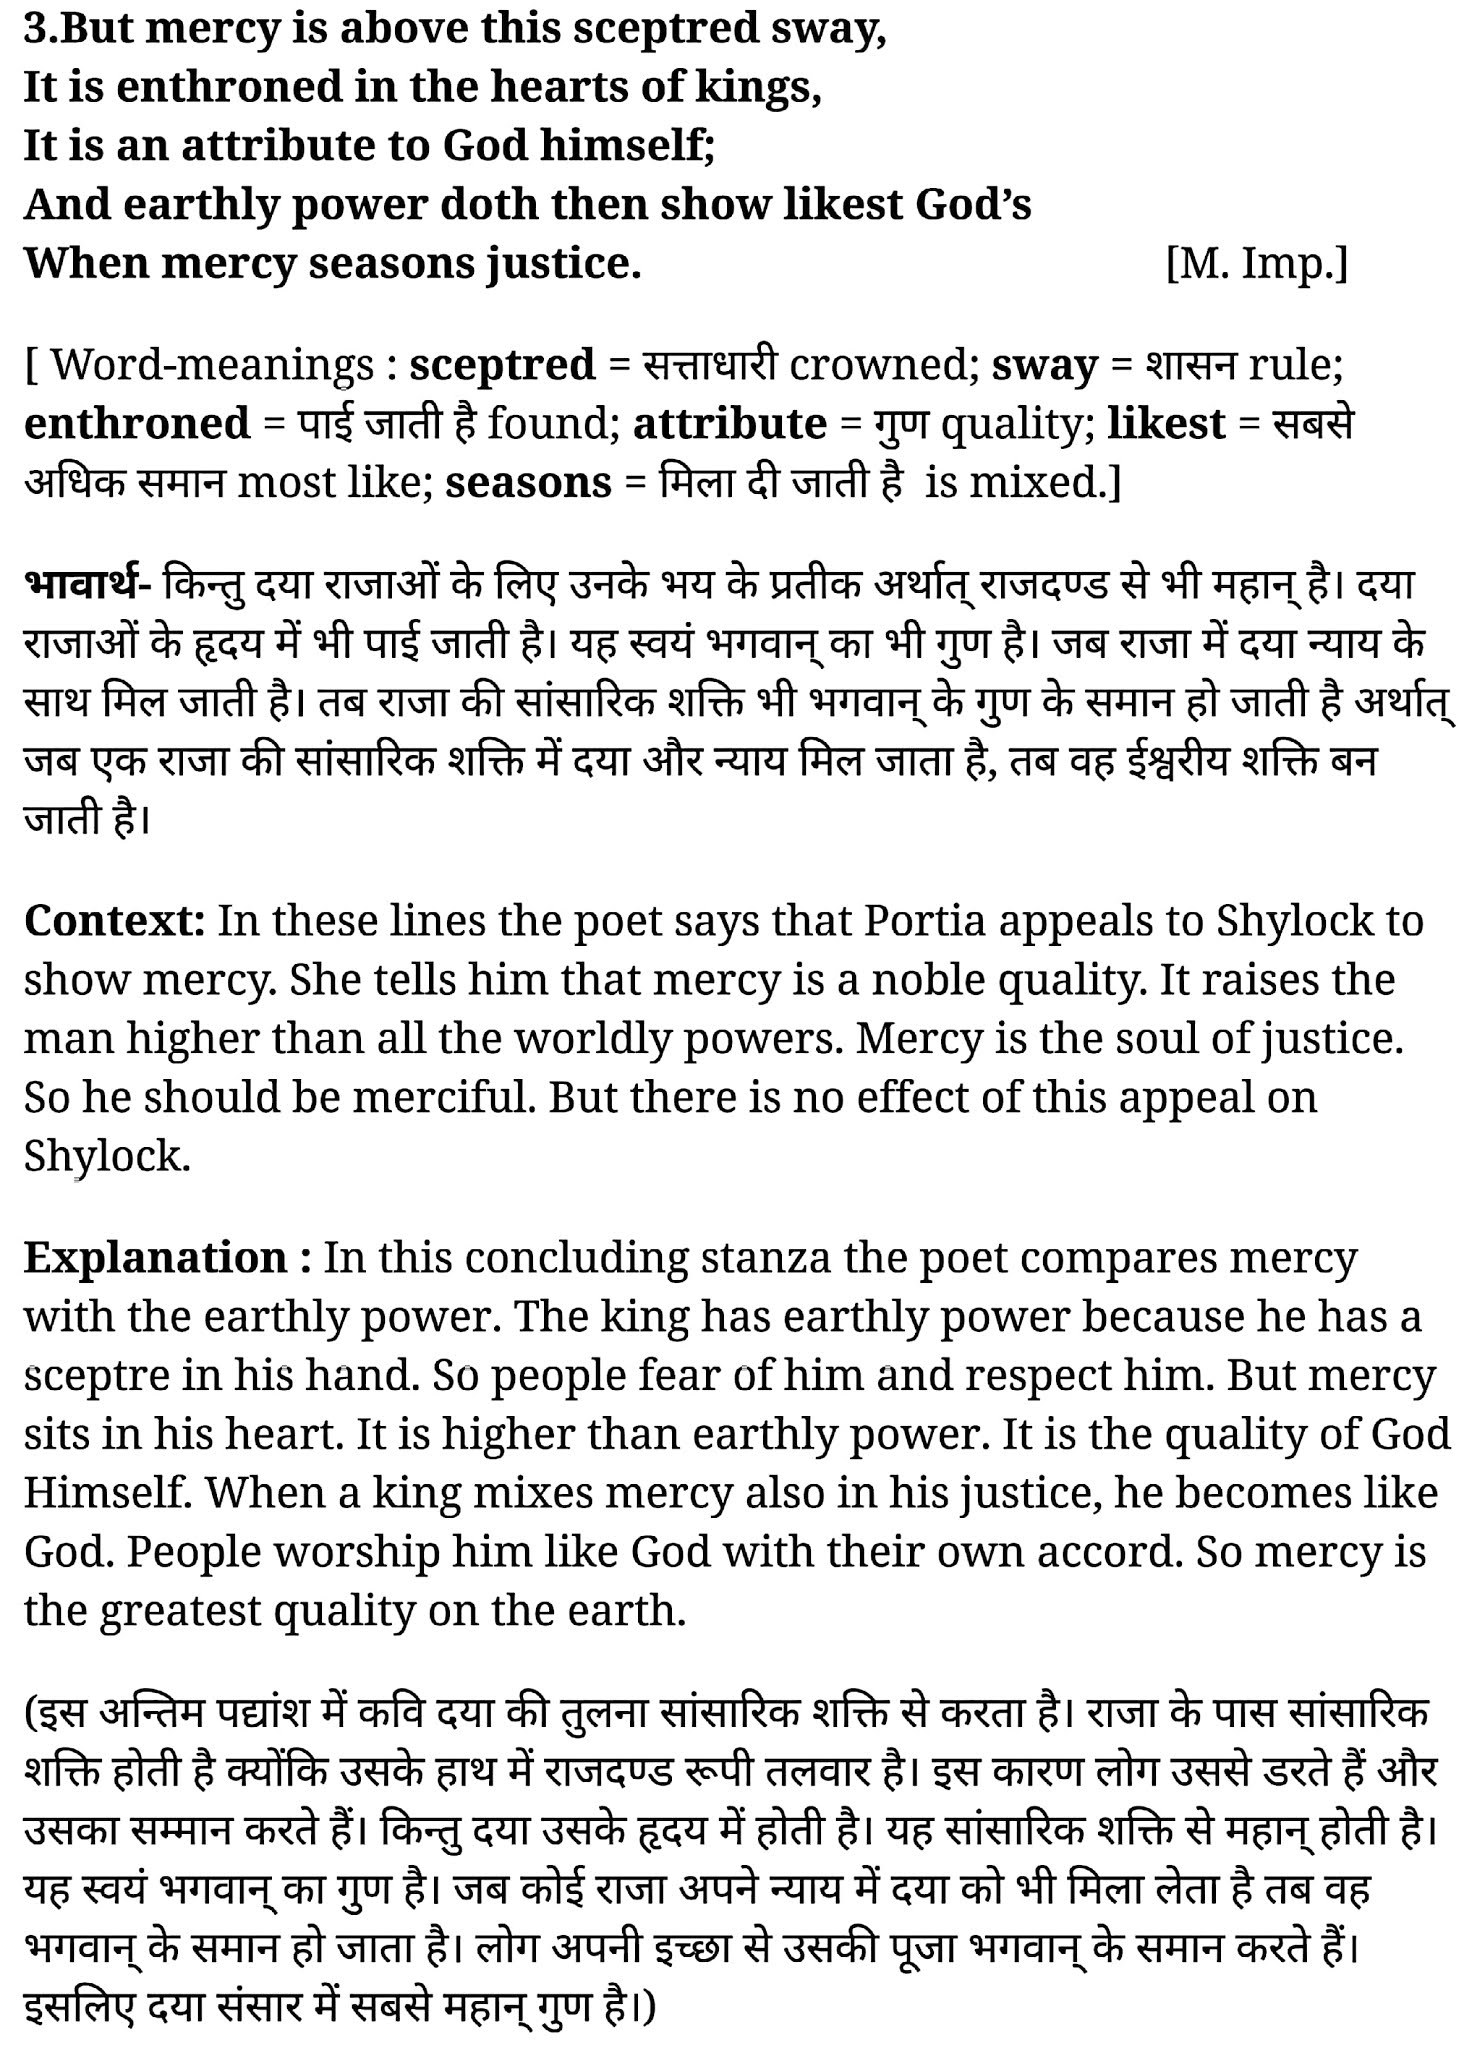 कक्षा 11 अंग्रेज़ी Poetry अध्याय 1  के नोट्स हिंदी में एनसीईआरटी समाधान,   class 11 english Poetry chapter 1,  class 11 english Poetry chapter 1 ncert solutions in hindi,  class 11 english Poetry chapter 1 notes in hindi,  class 11 english Poetry chapter 1 question answer,  class 11 english Poetry chapter 1 notes,  11   class Poetry chapter 1 Poetry chapter 1 in hindi,  class 11 english Poetry chapter 1 in hindi,  class 11 english Poetry chapter 1 important questions in hindi,  class 11 english  chapter 1 notes in hindi,  class 11 english Poetry chapter 1 test,  class 11 english  chapter 1Poetry chapter 1 pdf,  class 11 english Poetry chapter 1 notes pdf,  class 11 english Poetry chapter 1 exercise solutions,  class 11 english Poetry chapter 1, class 11 english Poetry chapter 1 notes study rankers,  class 11 english Poetry chapter 1 notes,  class 11 english  chapter 1 notes,   Poetry chapter 1  class 11  notes pdf,  Poetry chapter 1 class 11  notes 2021 ncert,   Poetry chapter 1 class 11 pdf,    Poetry chapter 1  book,     Poetry chapter 1 quiz class 11  ,       11  th Poetry chapter 1    book up board,       up board 11  th Poetry chapter 1 notes,  कक्षा 11 अंग्रेज़ी Poetry अध्याय 1 , कक्षा 11 अंग्रेज़ी का Poetry अध्याय 1  ncert solution in hindi, कक्षा 11 अंग्रेज़ी के Poetry अध्याय 1  के नोट्स हिंदी में, कक्षा 11 का अंग्रेज़ीPoetry अध्याय 1 का प्रश्न उत्तर, कक्षा 11 अंग्रेज़ी Poetry अध्याय 1 के नोट्स, 11 कक्षा अंग्रेज़ी Poetry अध्याय 1   हिंदी में,कक्षा 11 अंग्रेज़ी Poetry अध्याय 1  हिंदी में, कक्षा 11 अंग्रेज़ी Poetry अध्याय 1  महत्वपूर्ण प्रश्न हिंदी में,कक्षा 11 के अंग्रेज़ी के नोट्स हिंदी में,अंग्रेज़ी कक्षा 11 नोट्स pdf,  अंग्रेज़ी  कक्षा 11 नोट्स 2021 ncert,  अंग्रेज़ी  कक्षा 11 pdf,  अंग्रेज़ी  पुस्तक,  अंग्रेज़ी की बुक,  अंग्रेज़ी  प्रश्नोत्तरी class 11  , 11   वीं अंग्रेज़ी  पुस्तक up board,  बिहार बोर्ड 11  पुस्तक वीं अंग्रेज़ी नोट्स,    11th Prose chapter 1   book in hindi,11  th Prose chapter 1 notes in hindi,cbse books for class 11  ,cbse books in hin